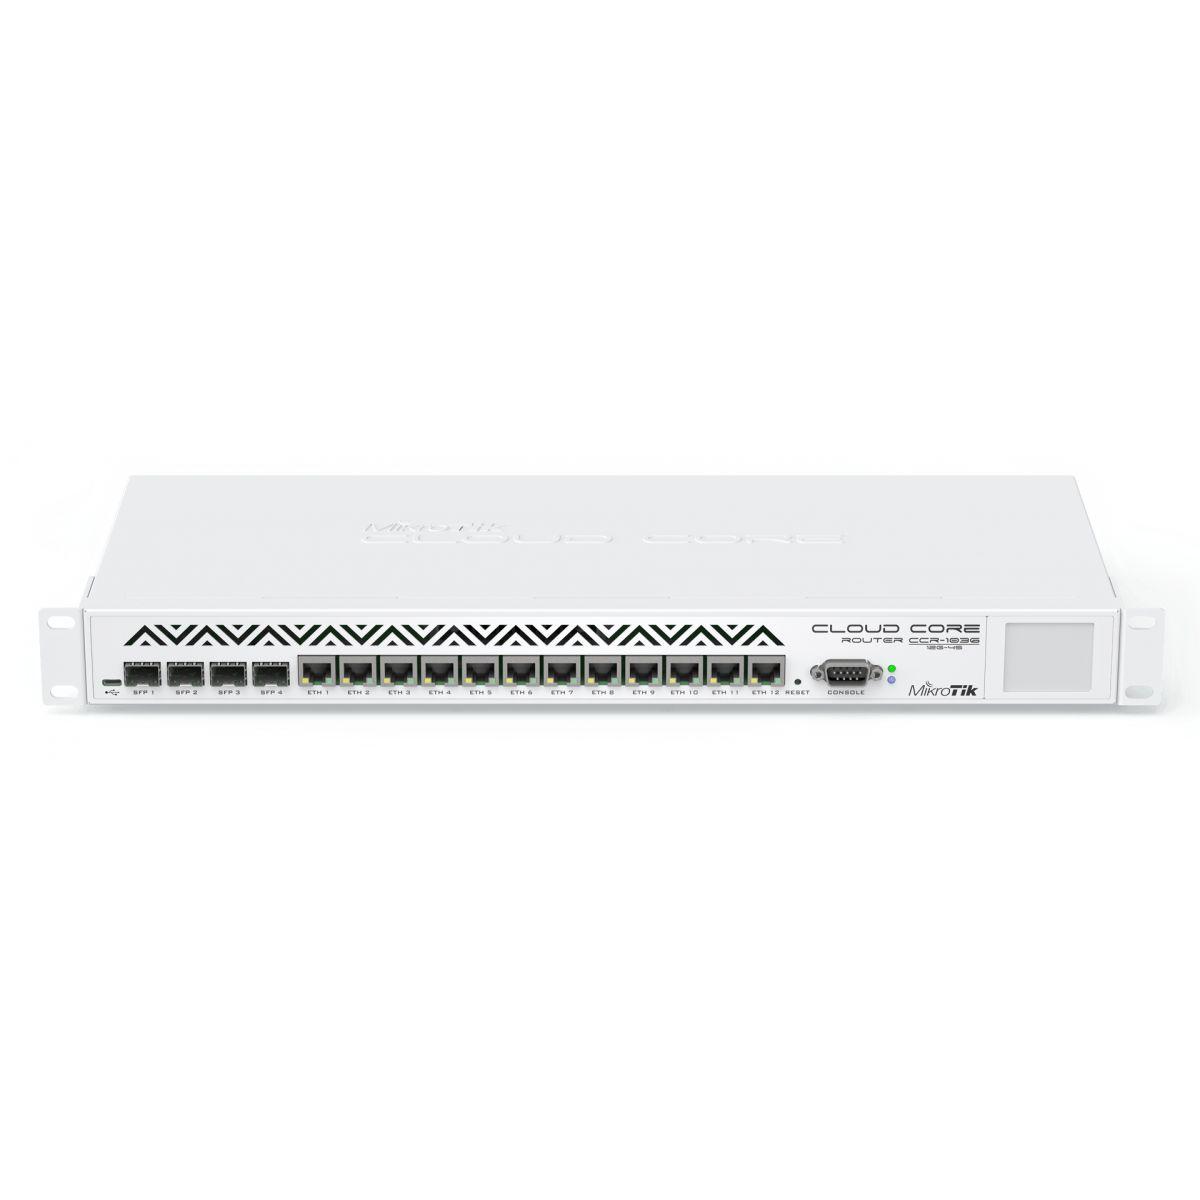 MIKROTIK CLOUD CORE ROUTER CCR1036-12G-4S  - TECTECH BRASIL COMPUTERS